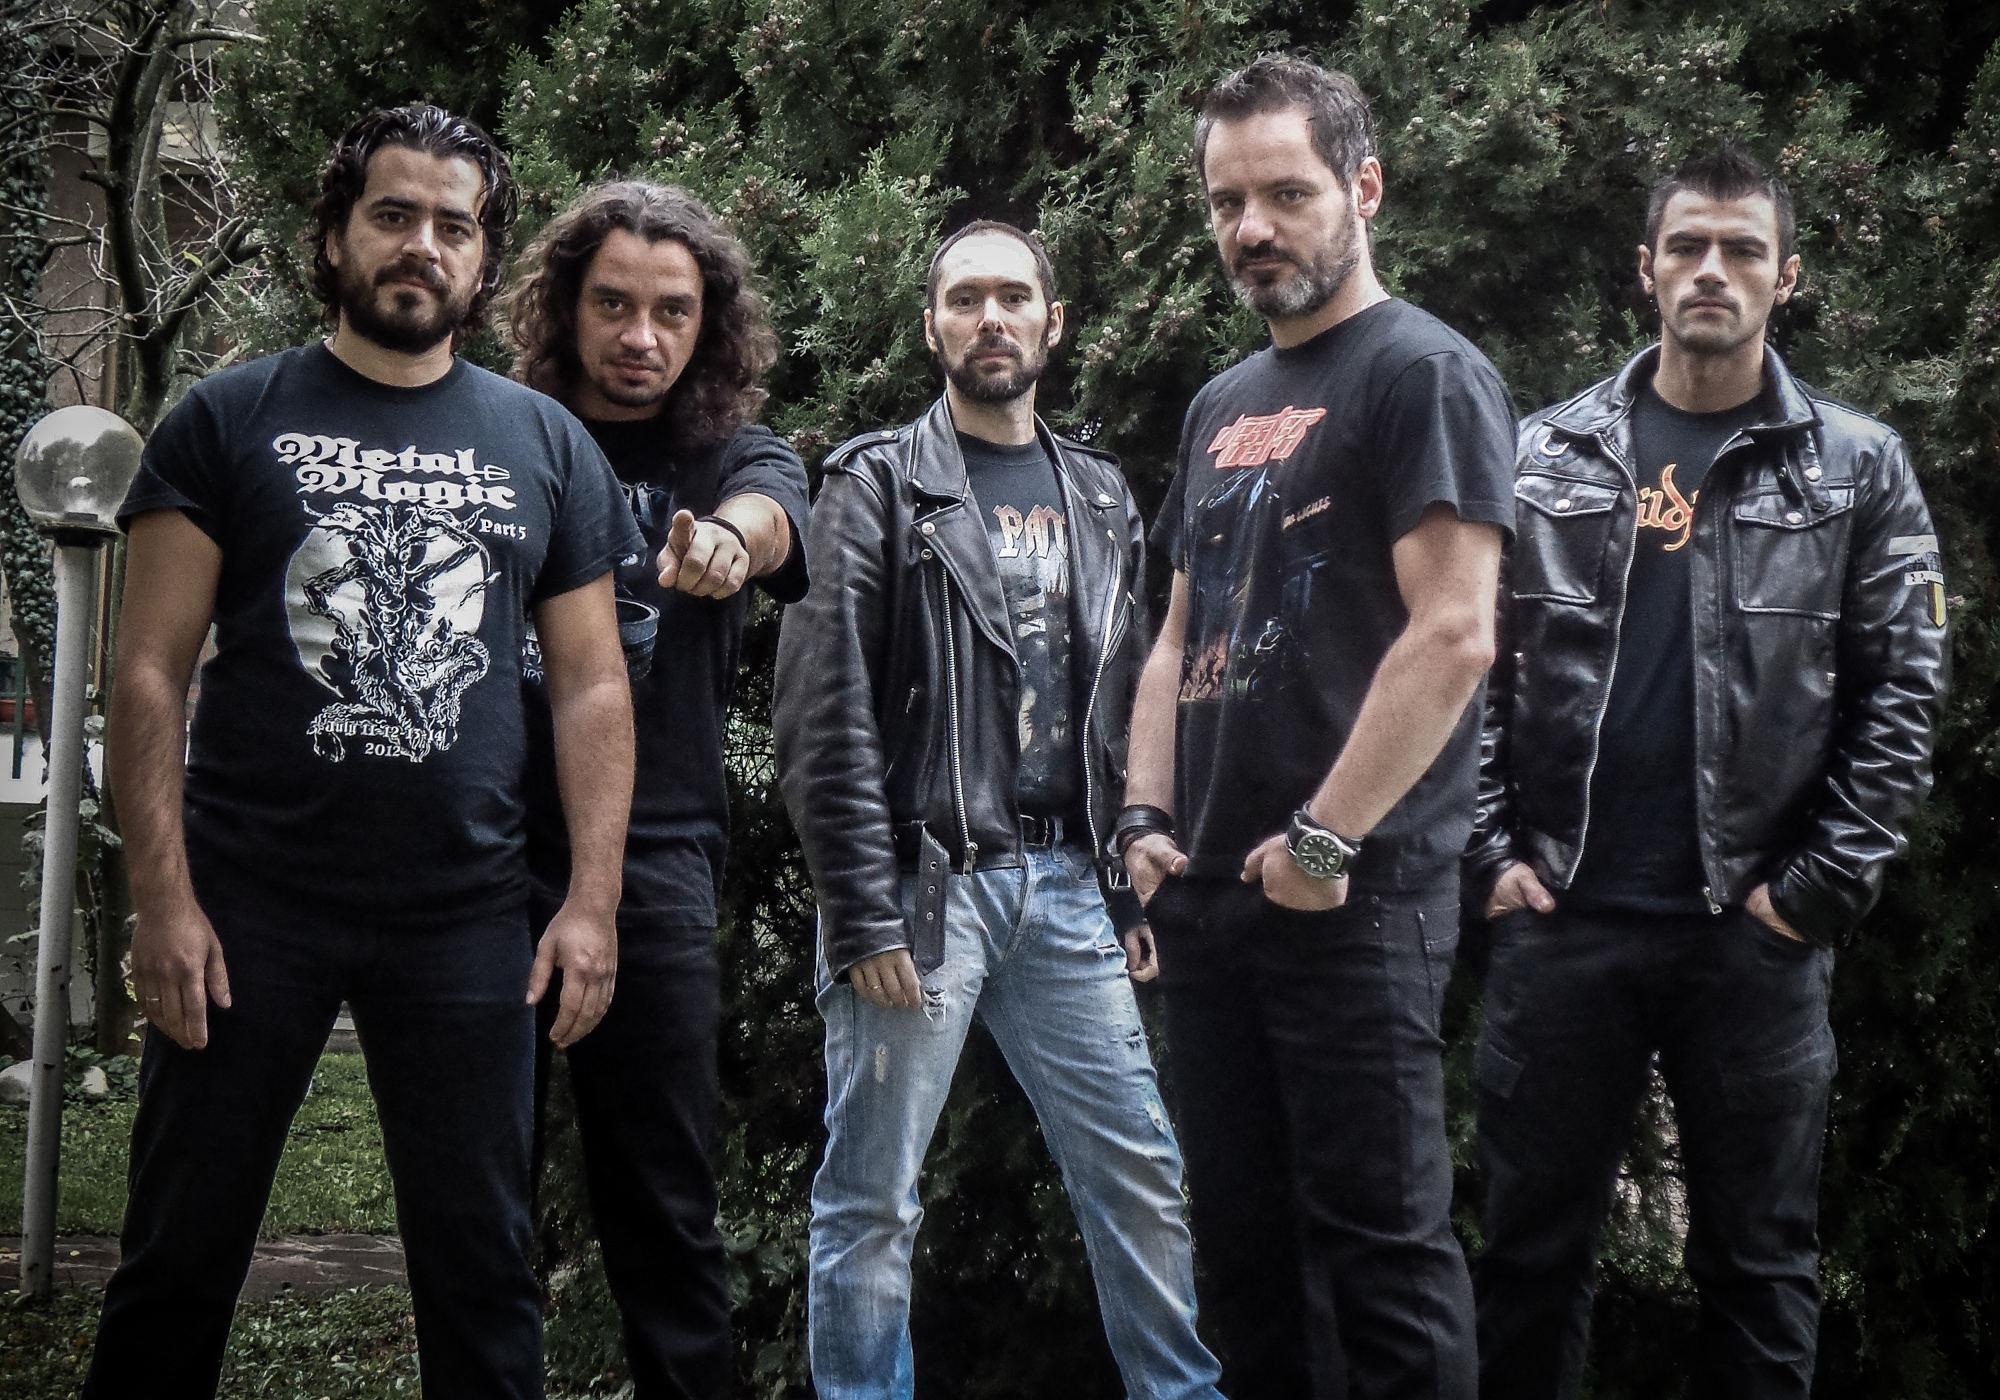 Ein Bandforo der Heavy-Metal-Band Dexter Ward